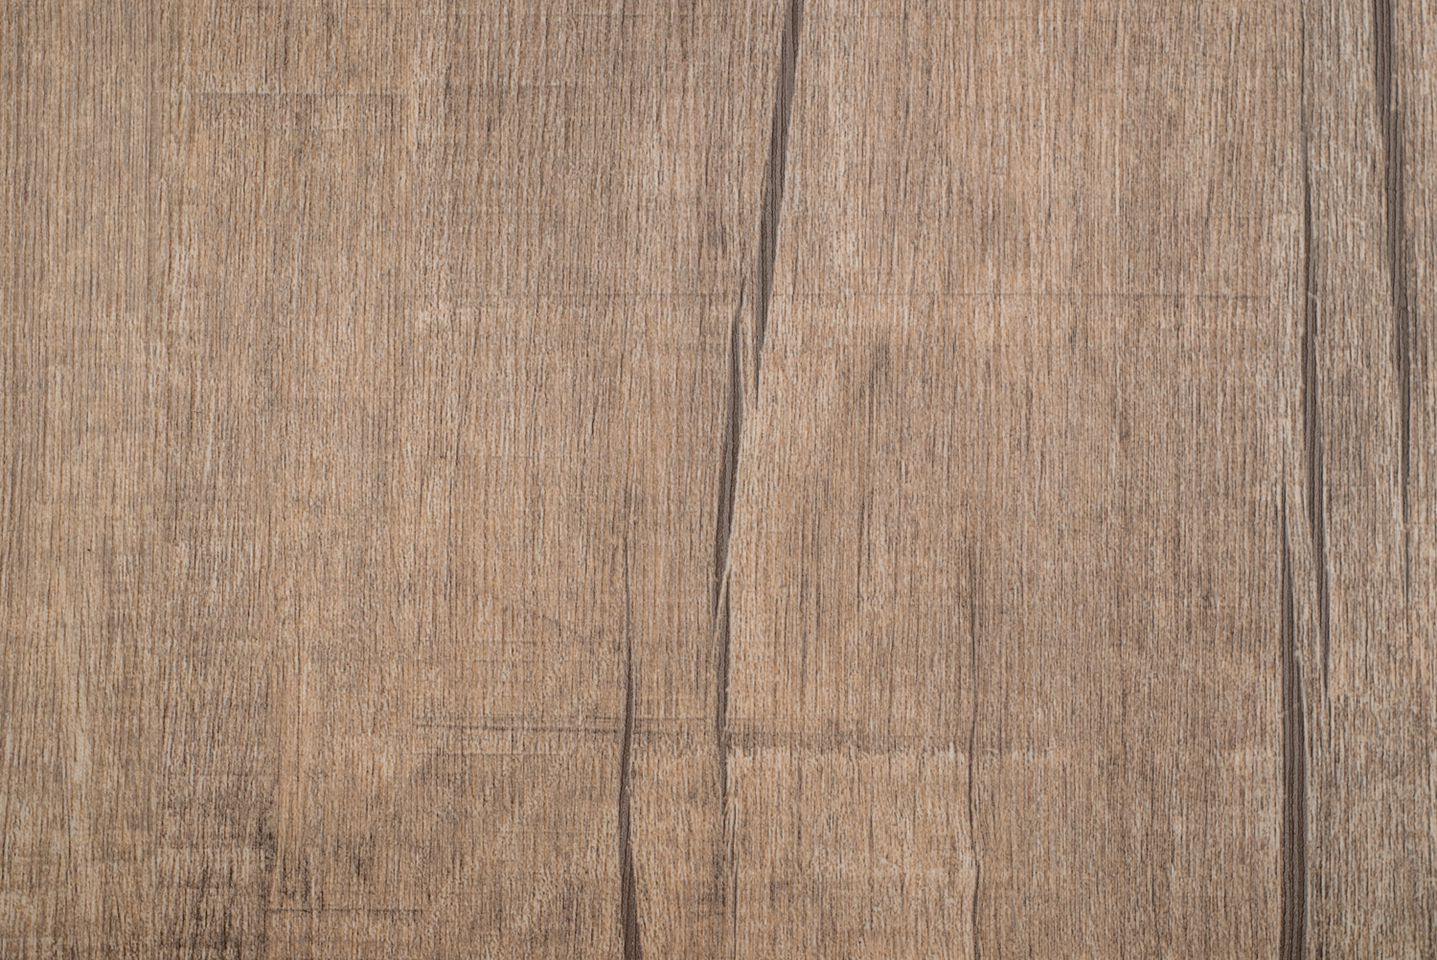 Rustiek Eiken Planken : Floer dorpen pvc ruinen rustiek eiken bruine vloer vinyl planken